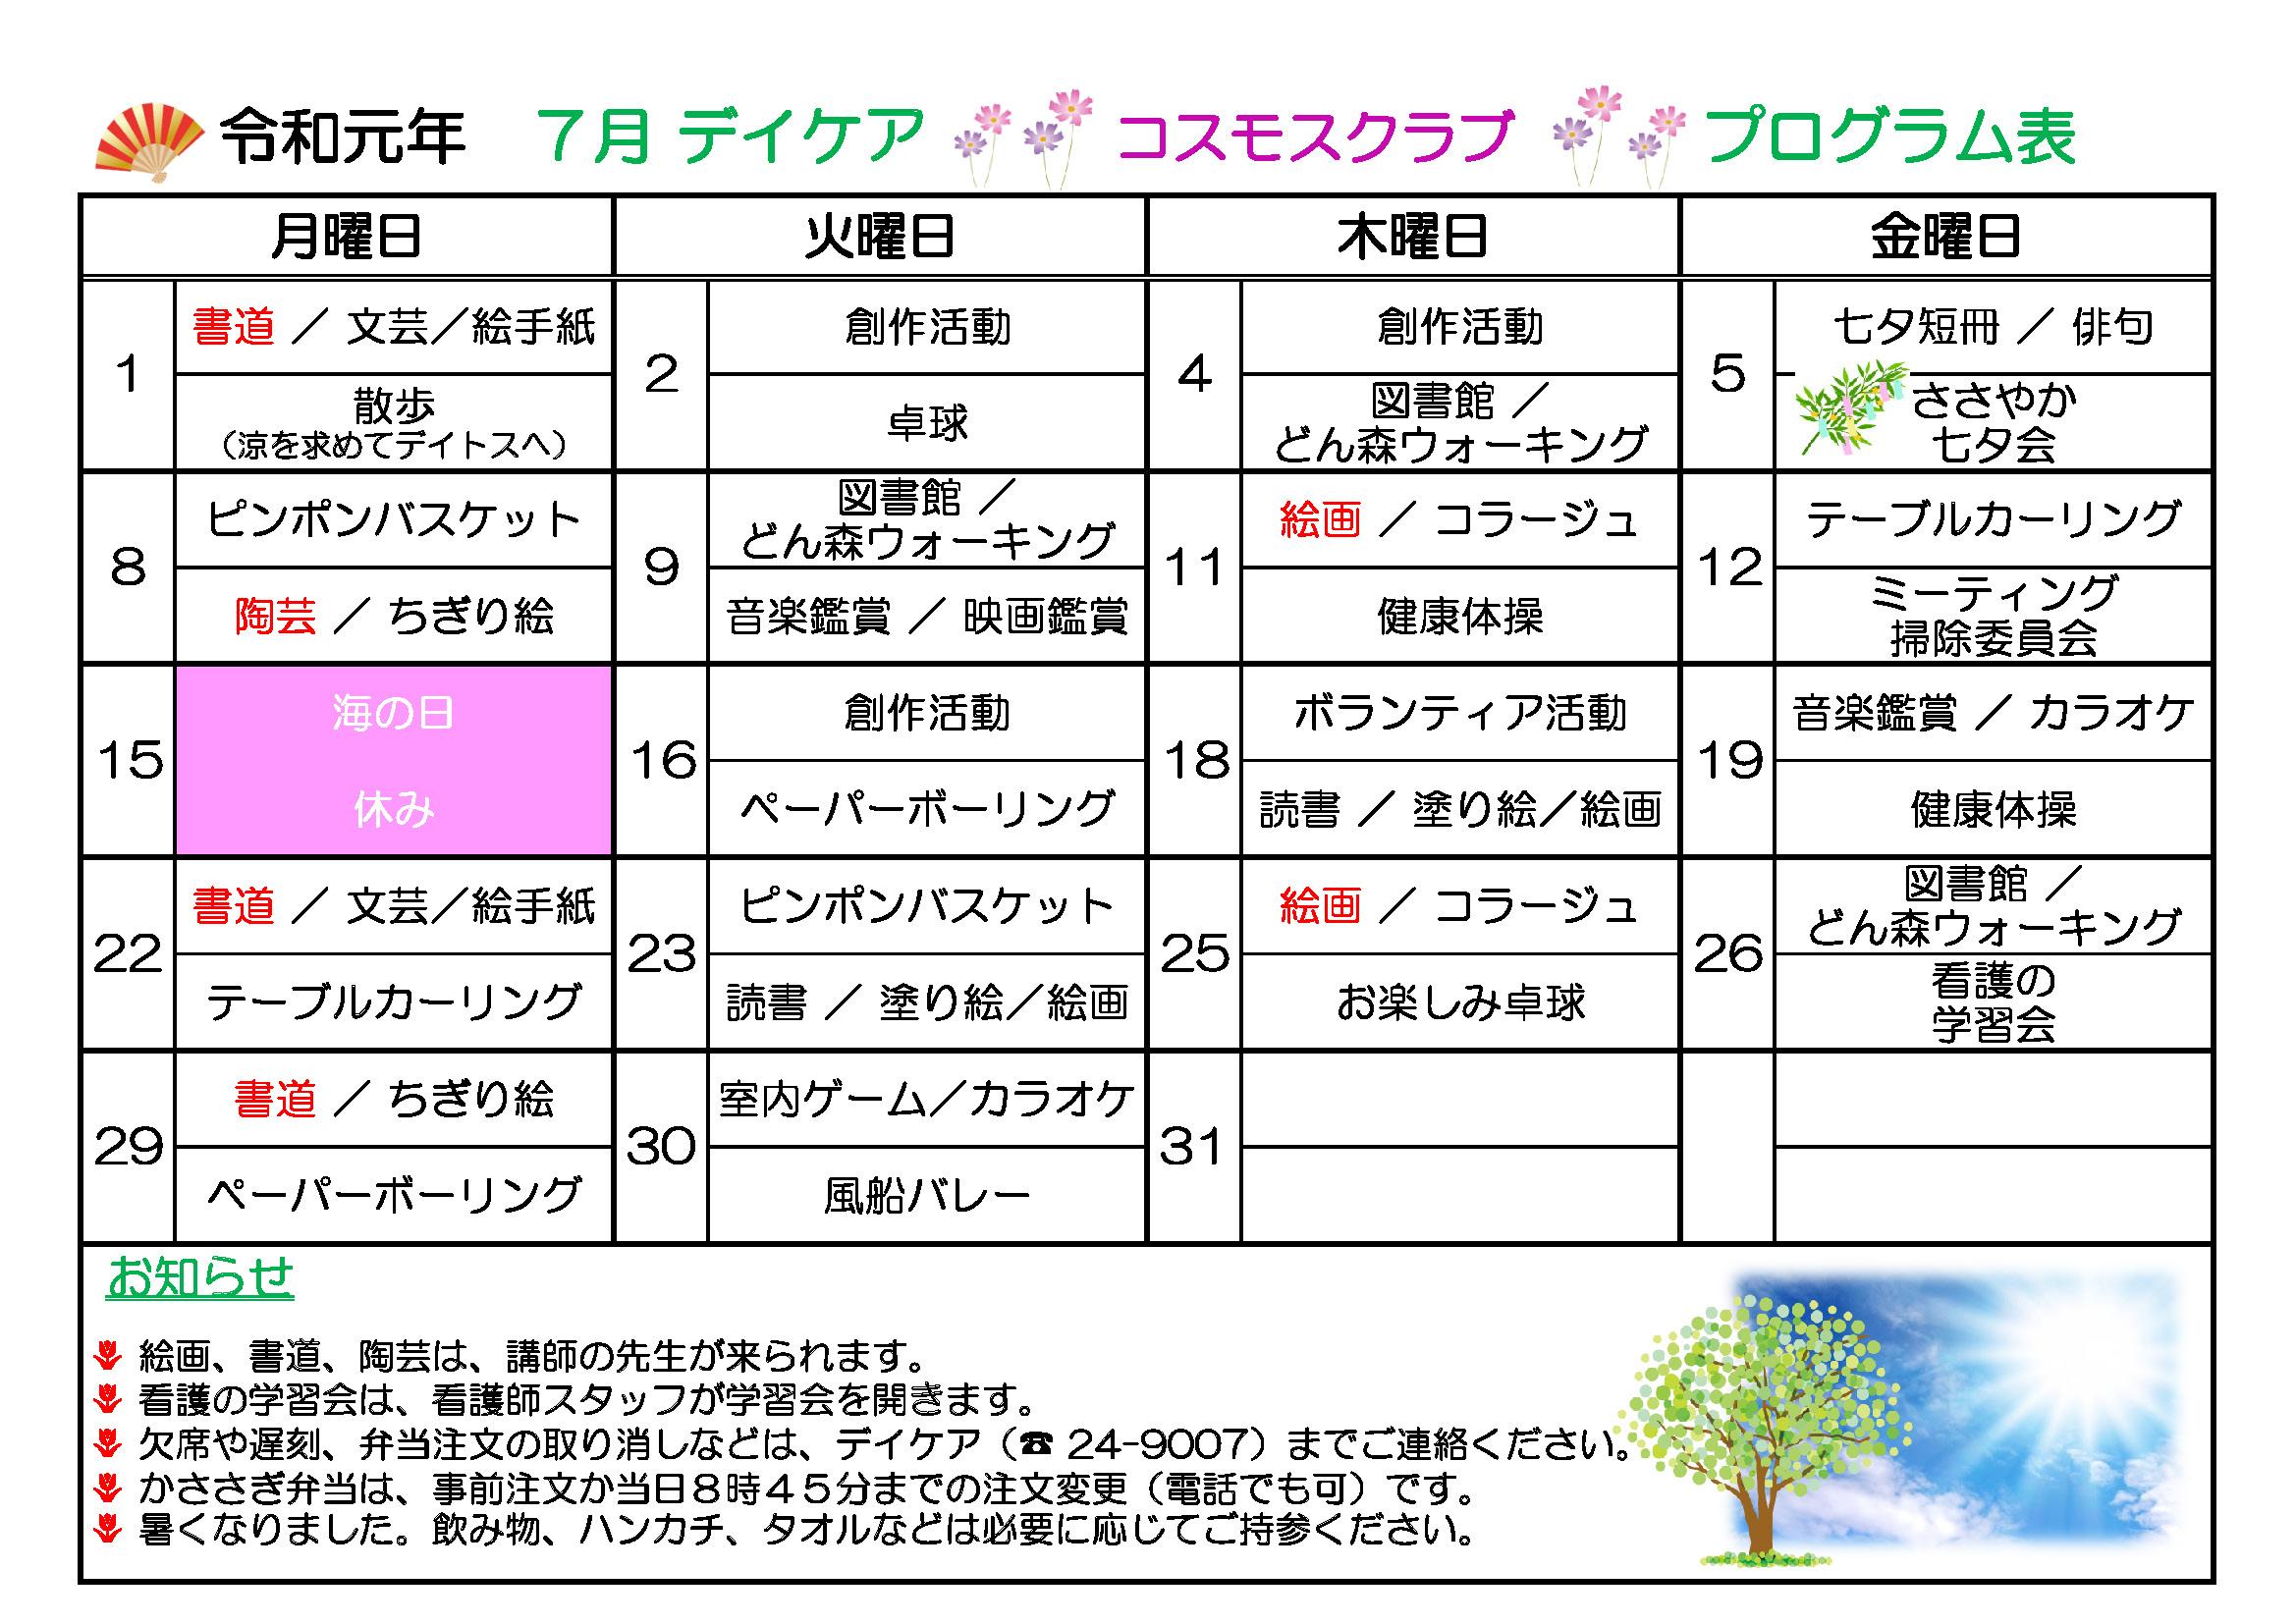 2019年7月プログラム表